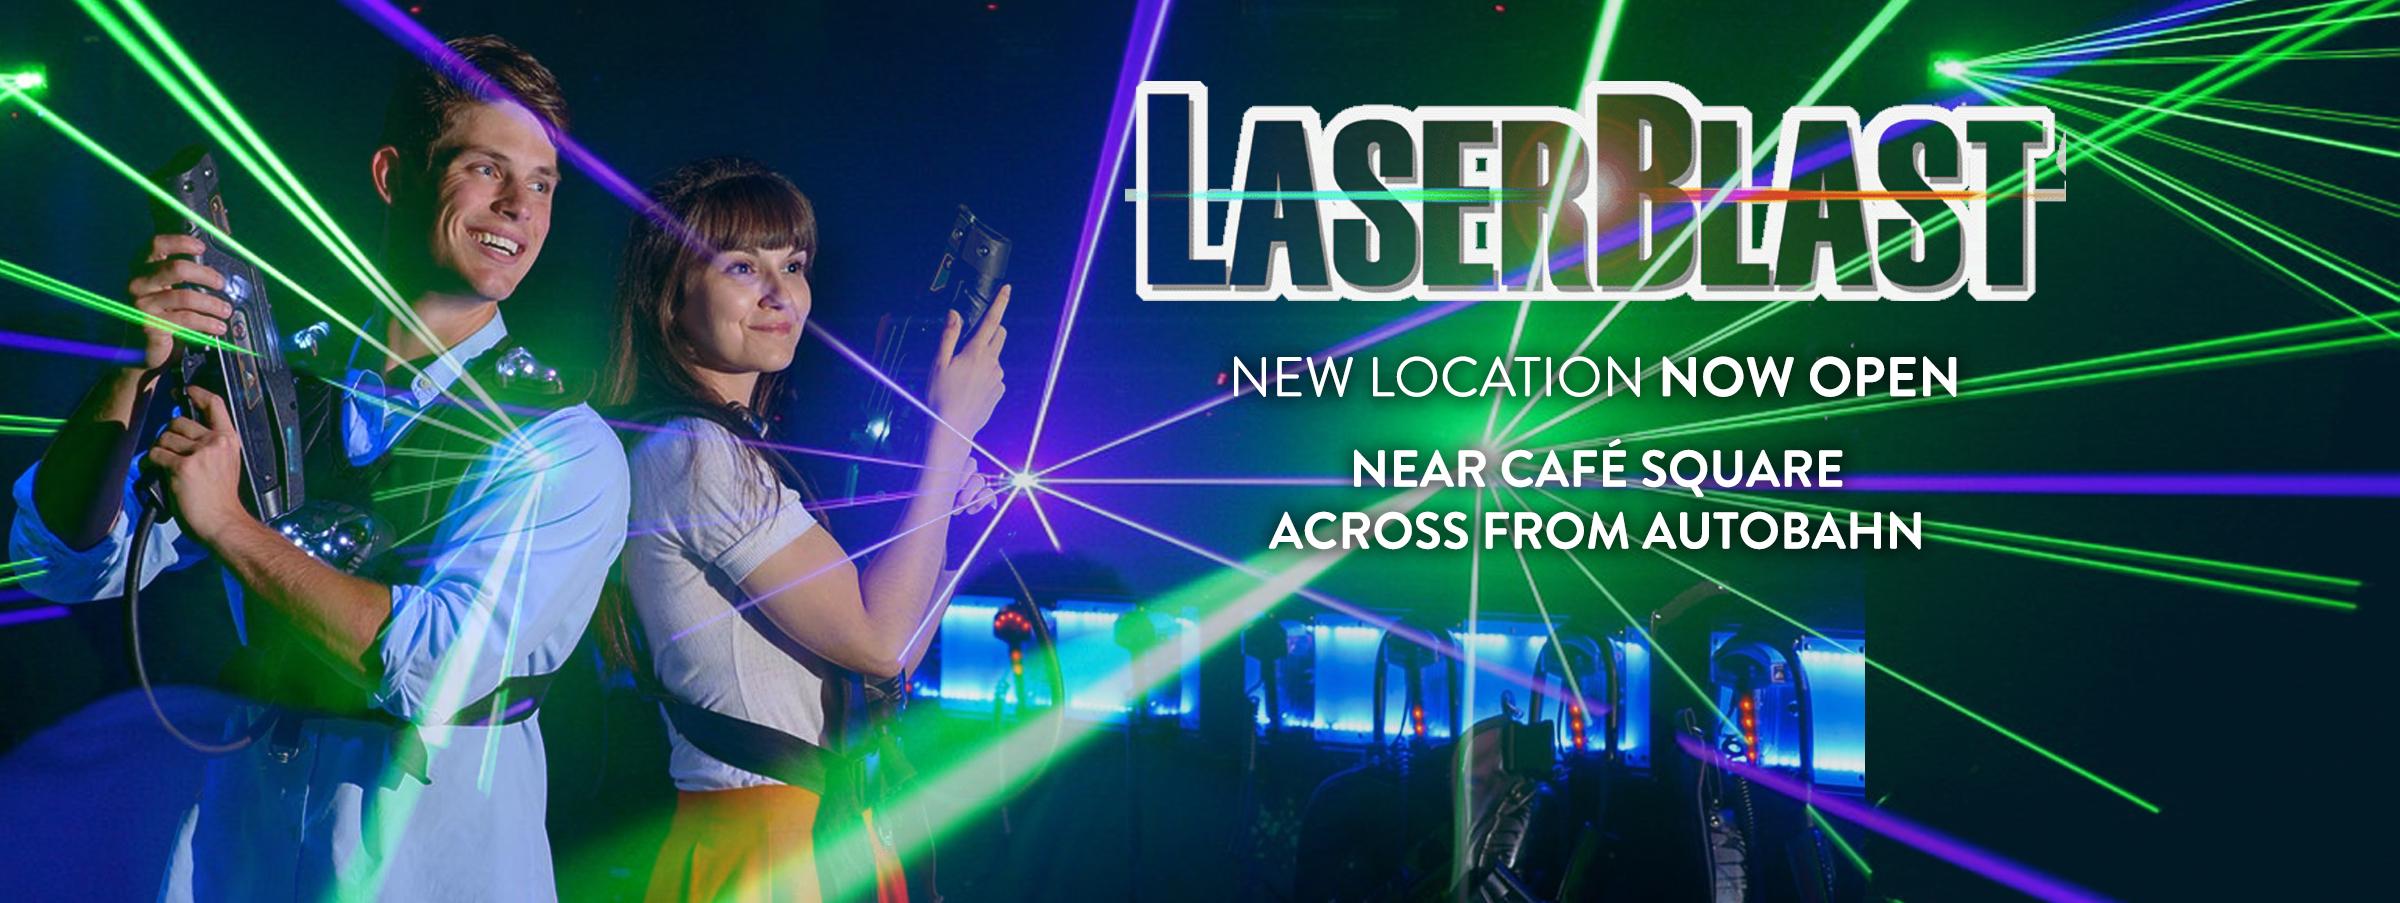 2019 01 08 LaserBlast Slider